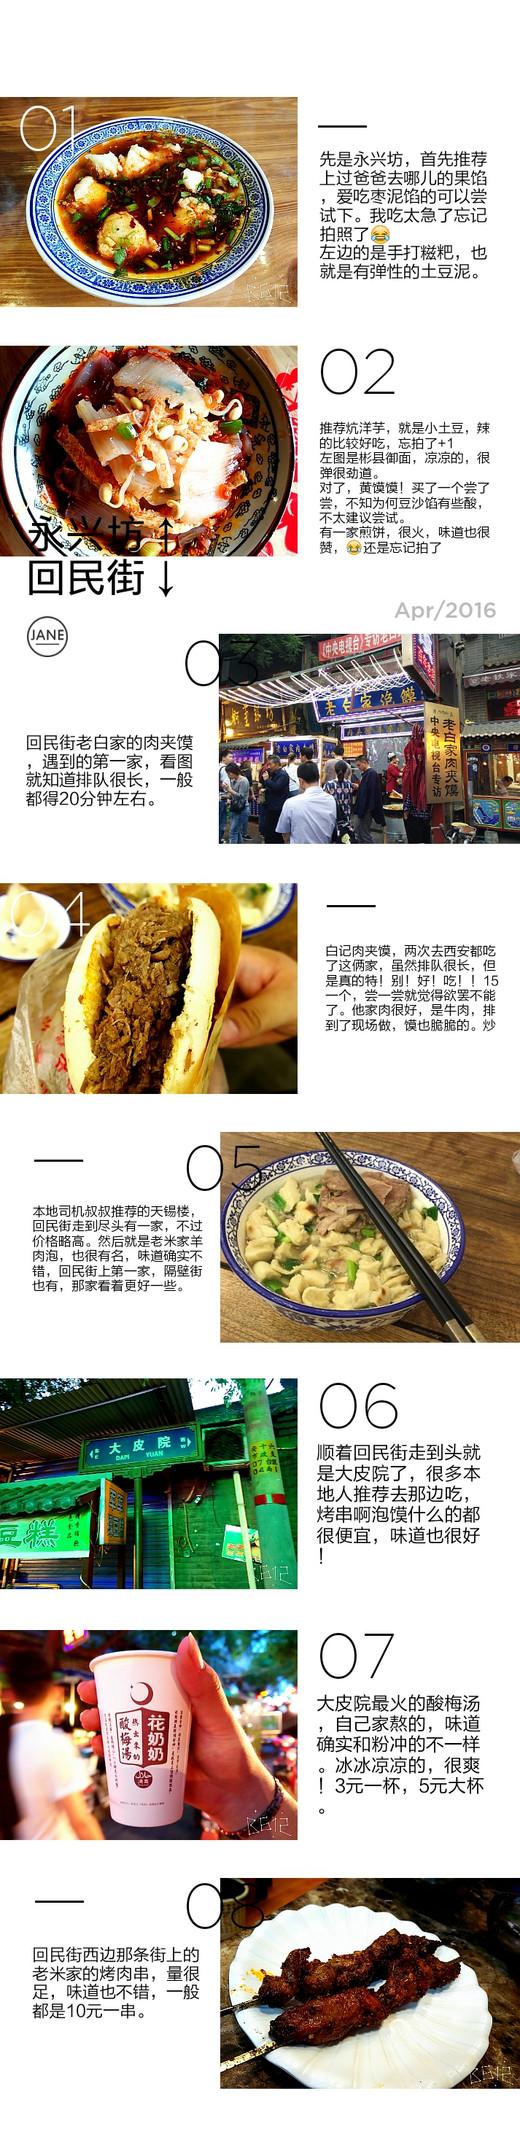 又见长安-陕西历史博物馆,秦始皇兵马俑,回民街,碑林博物馆,西安古城墙